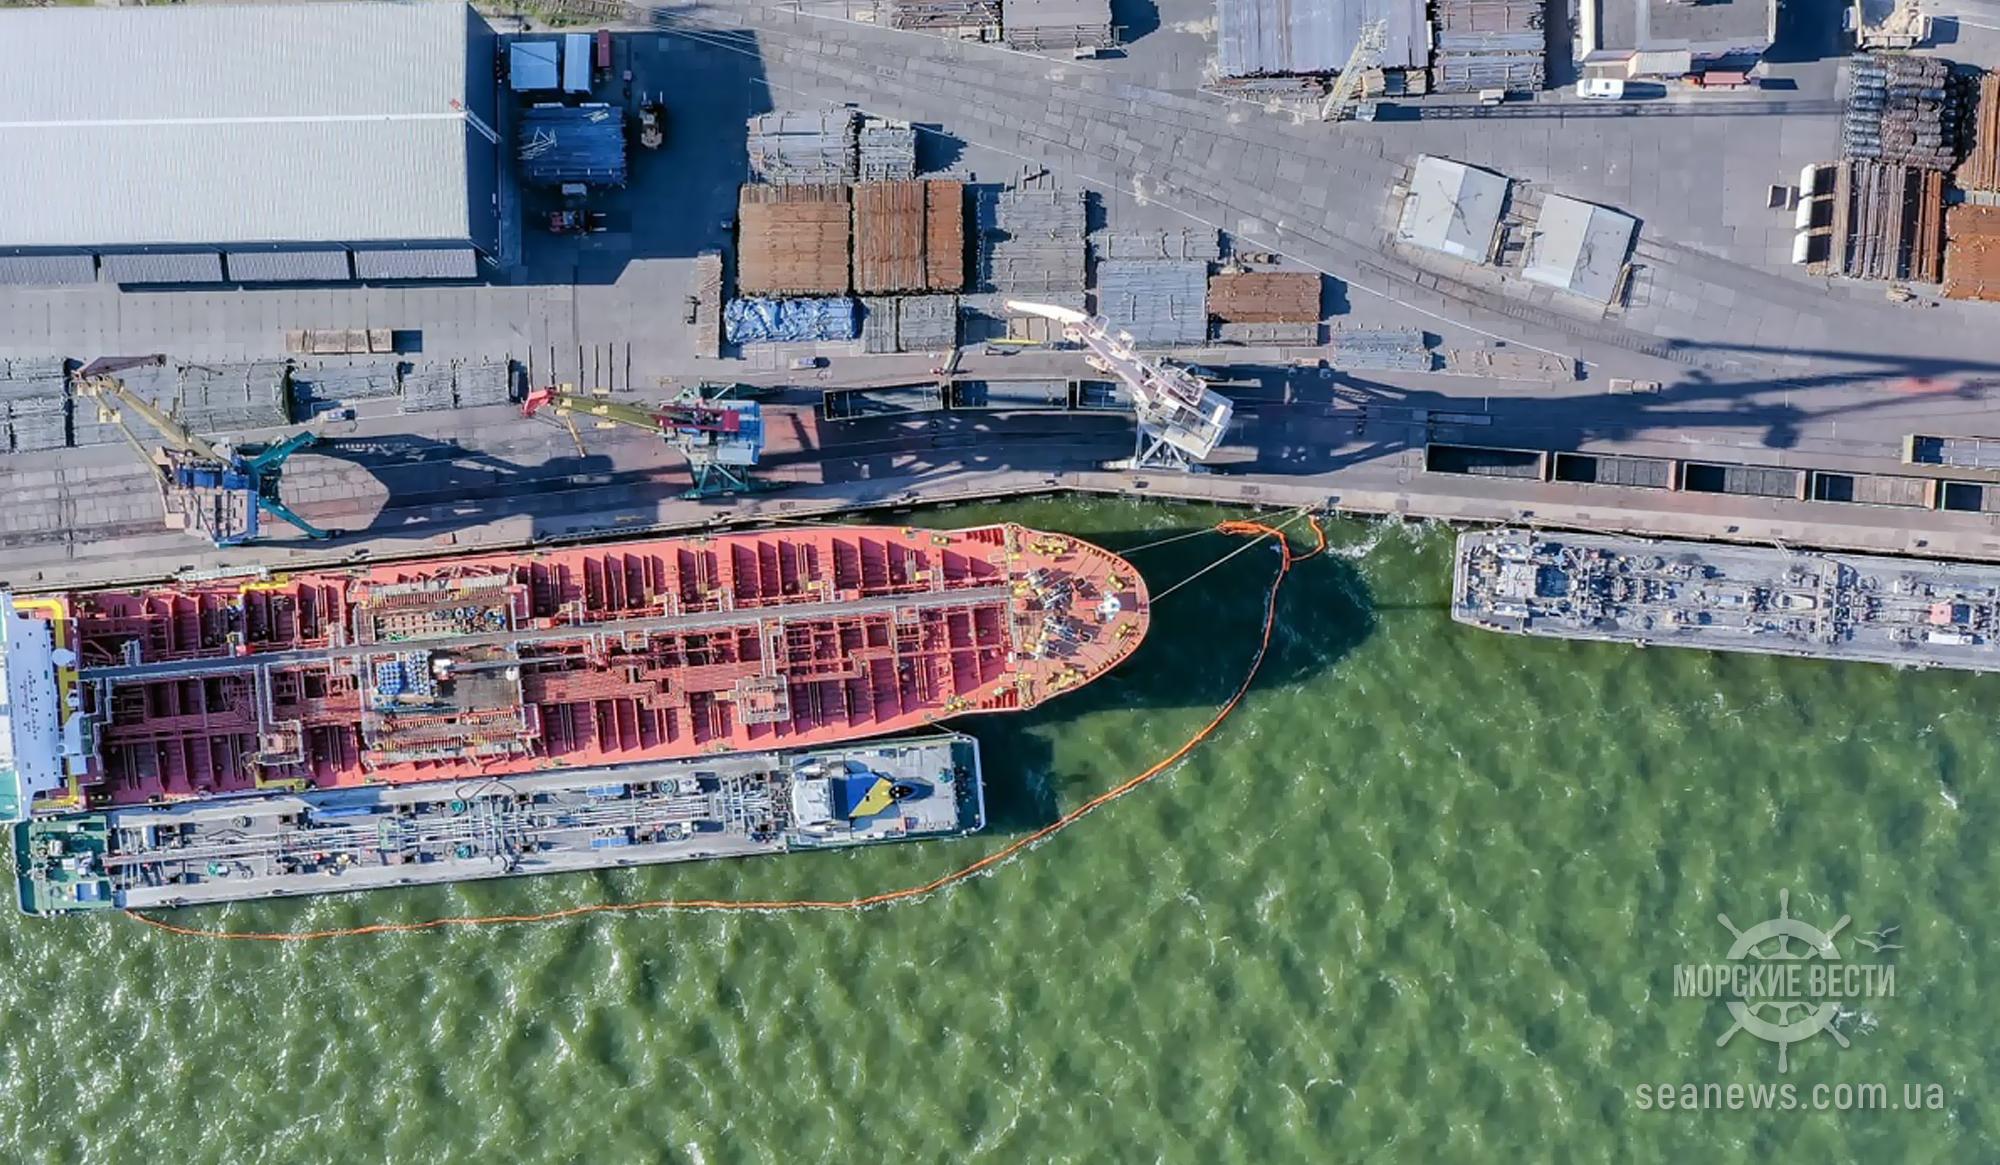 Перевалка масла сократилась во всех украинских портах, кроме Одесского